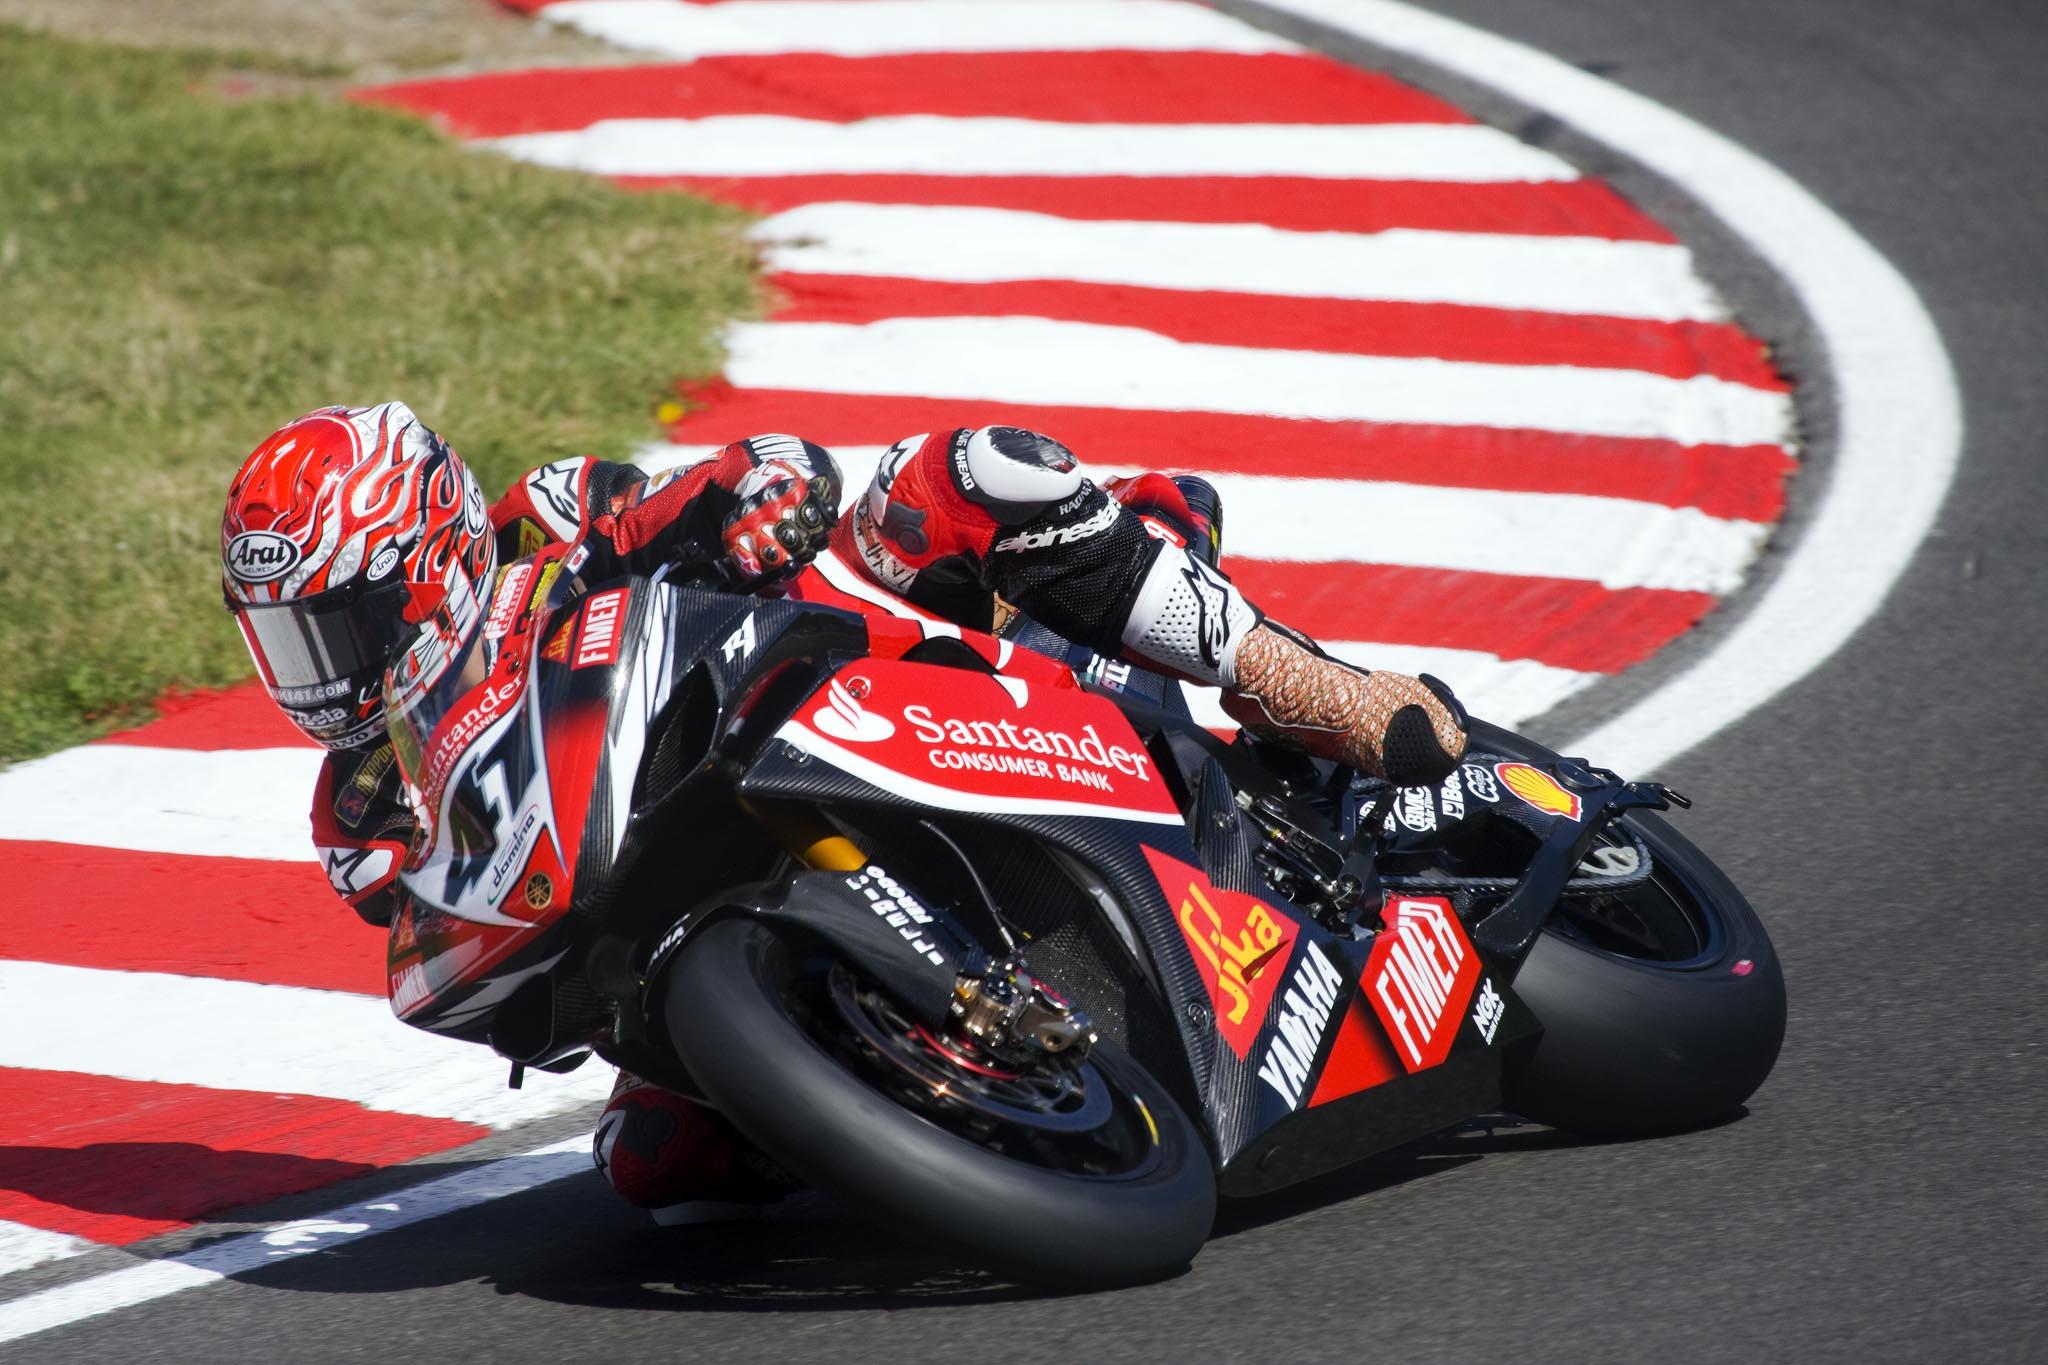 スーパーバイク世界選手権 - Wikiwand